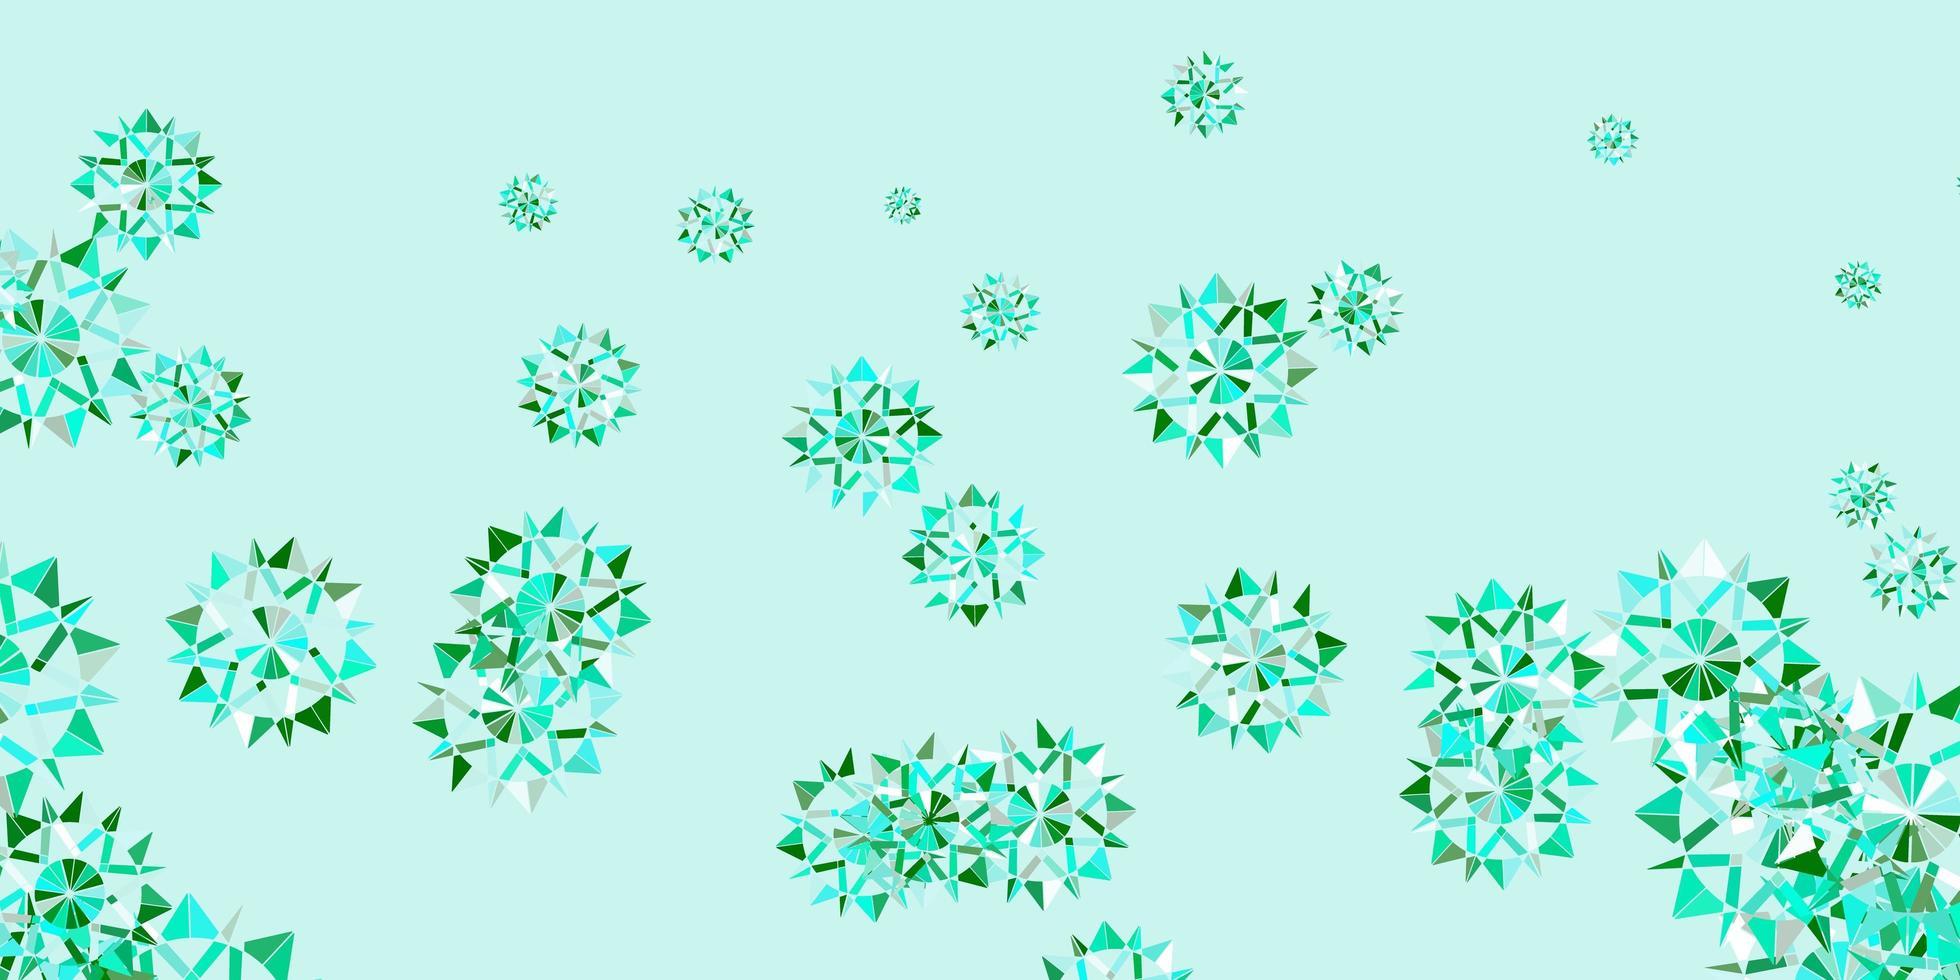 padrão de vetor verde claro com flocos de neve coloridos.